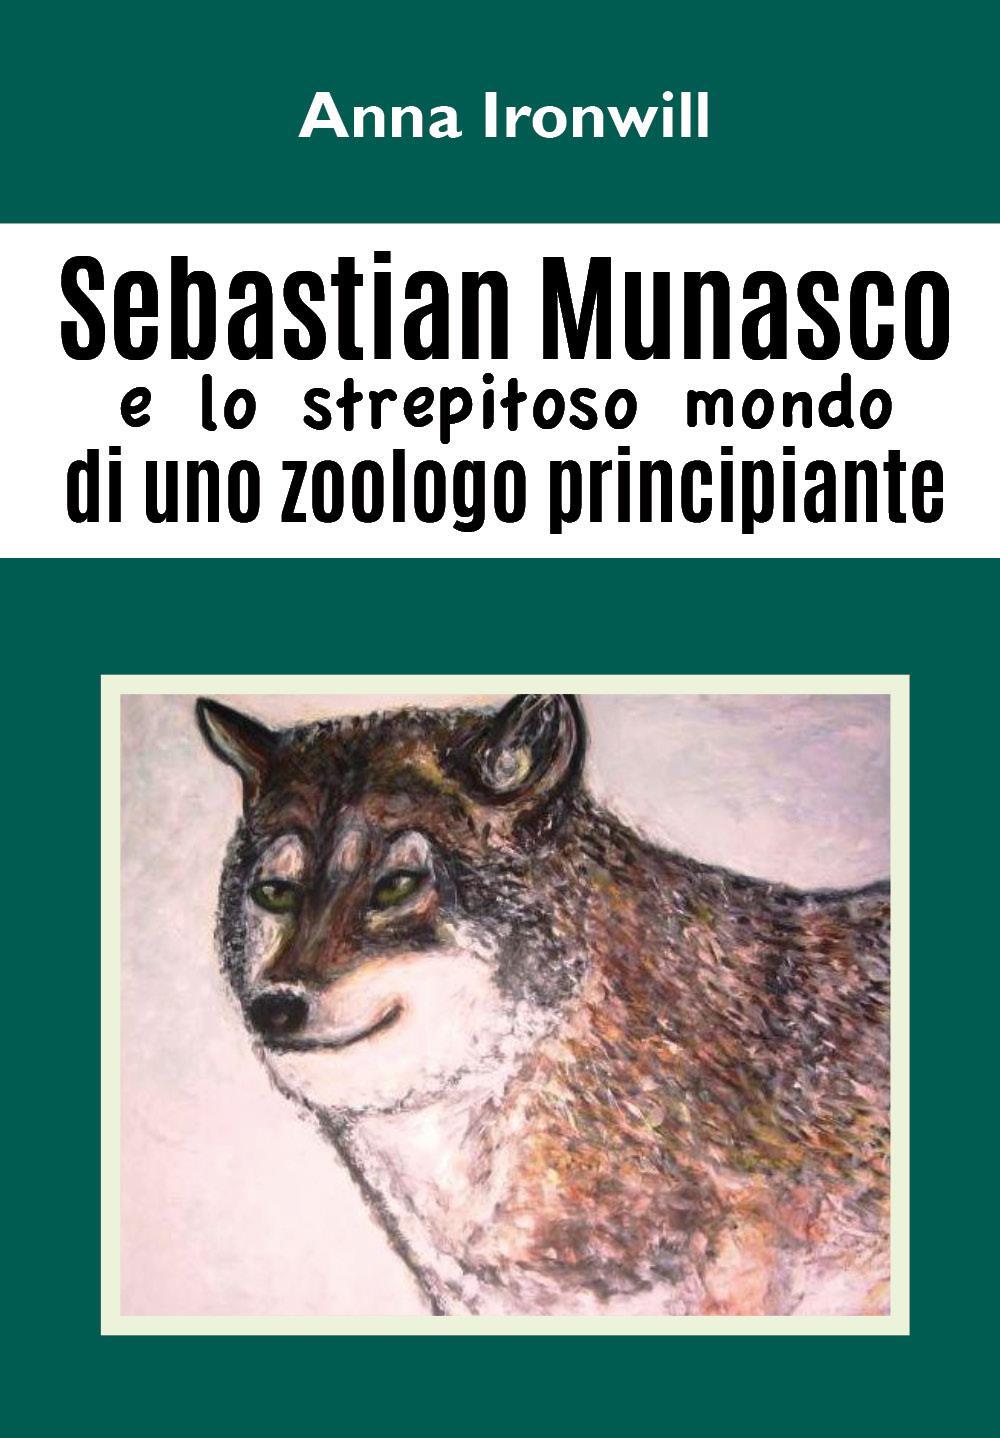 Sebastian Munasco e lo strepitoso mondo di uno zoologo principiante